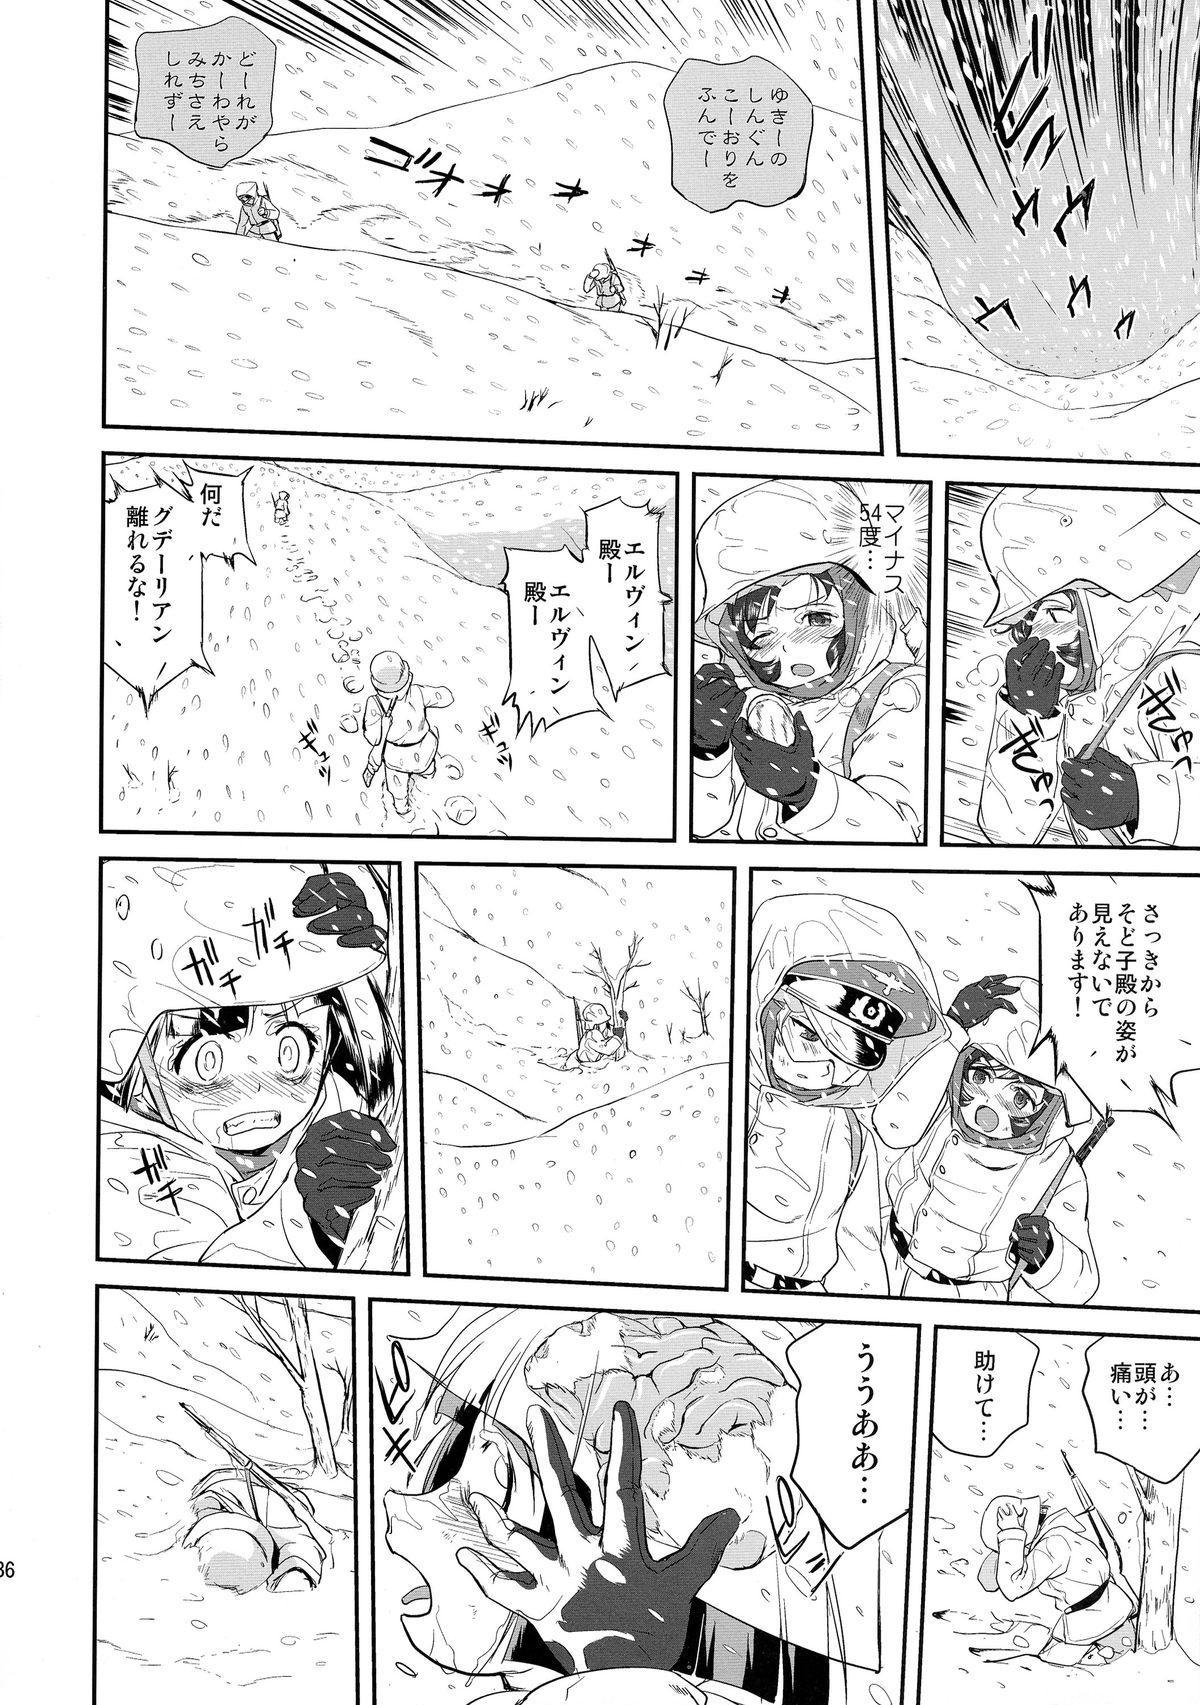 Yukiyukite Senshadou Battle of Pravda 35